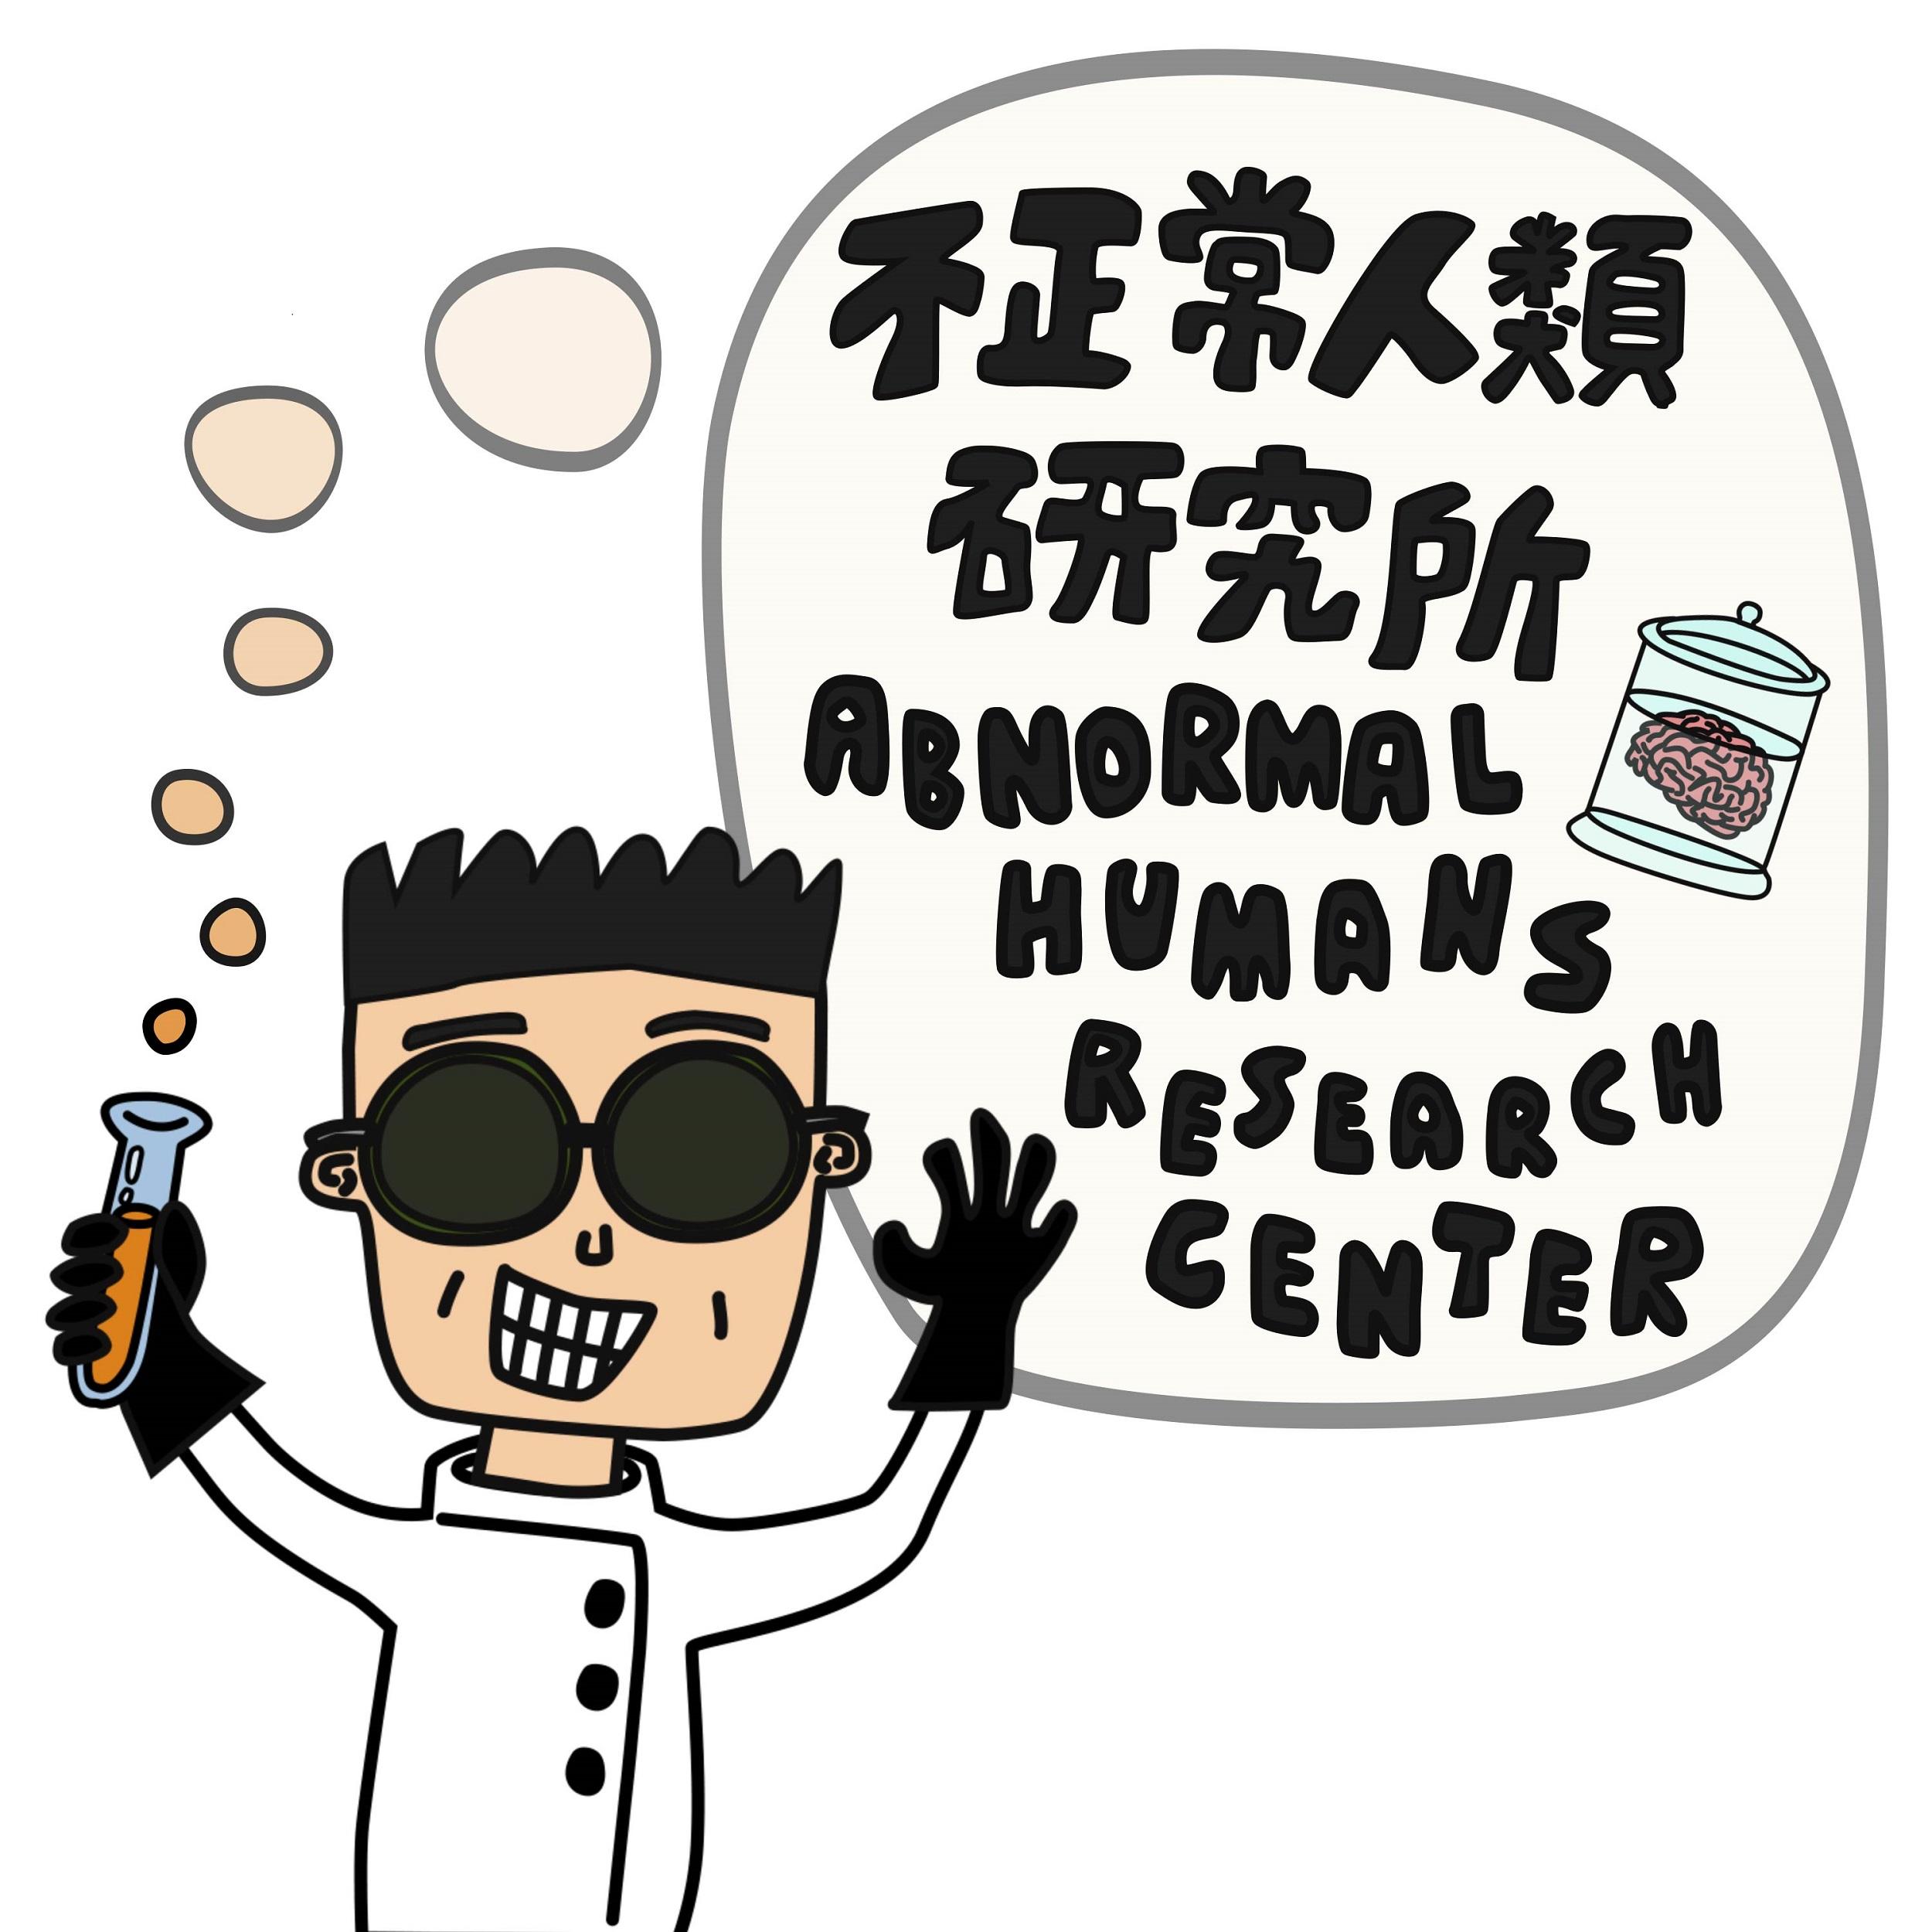 不正常人類研究所